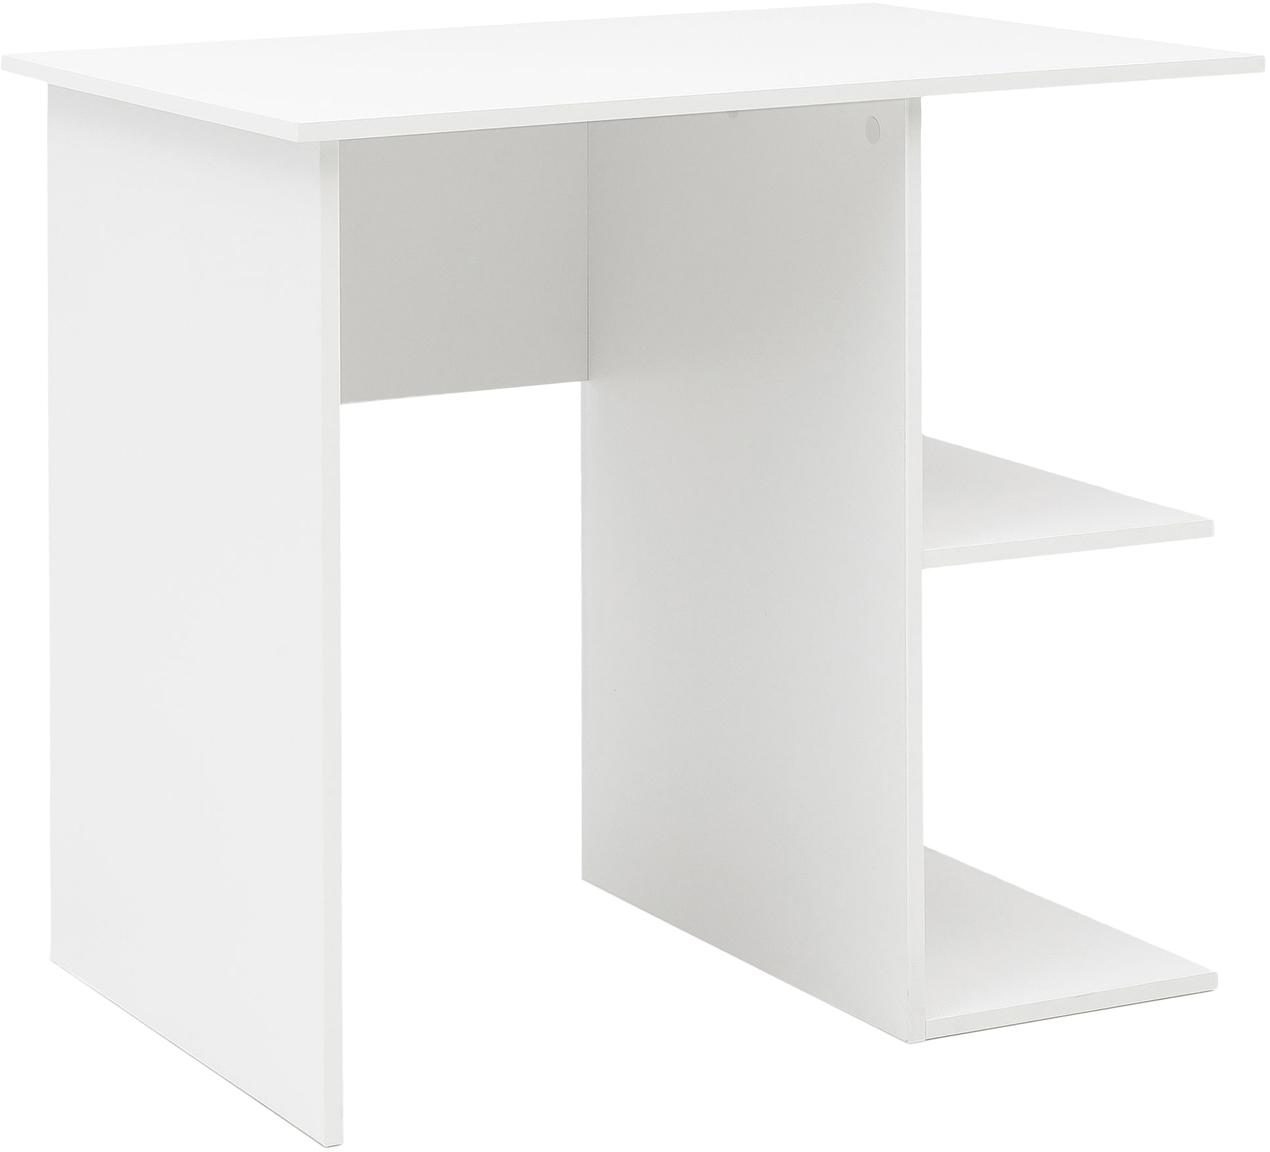 Małe biurko Milo, Płyta wiórowa powlekana melaminą, Biały, S 82 x W 76 cm